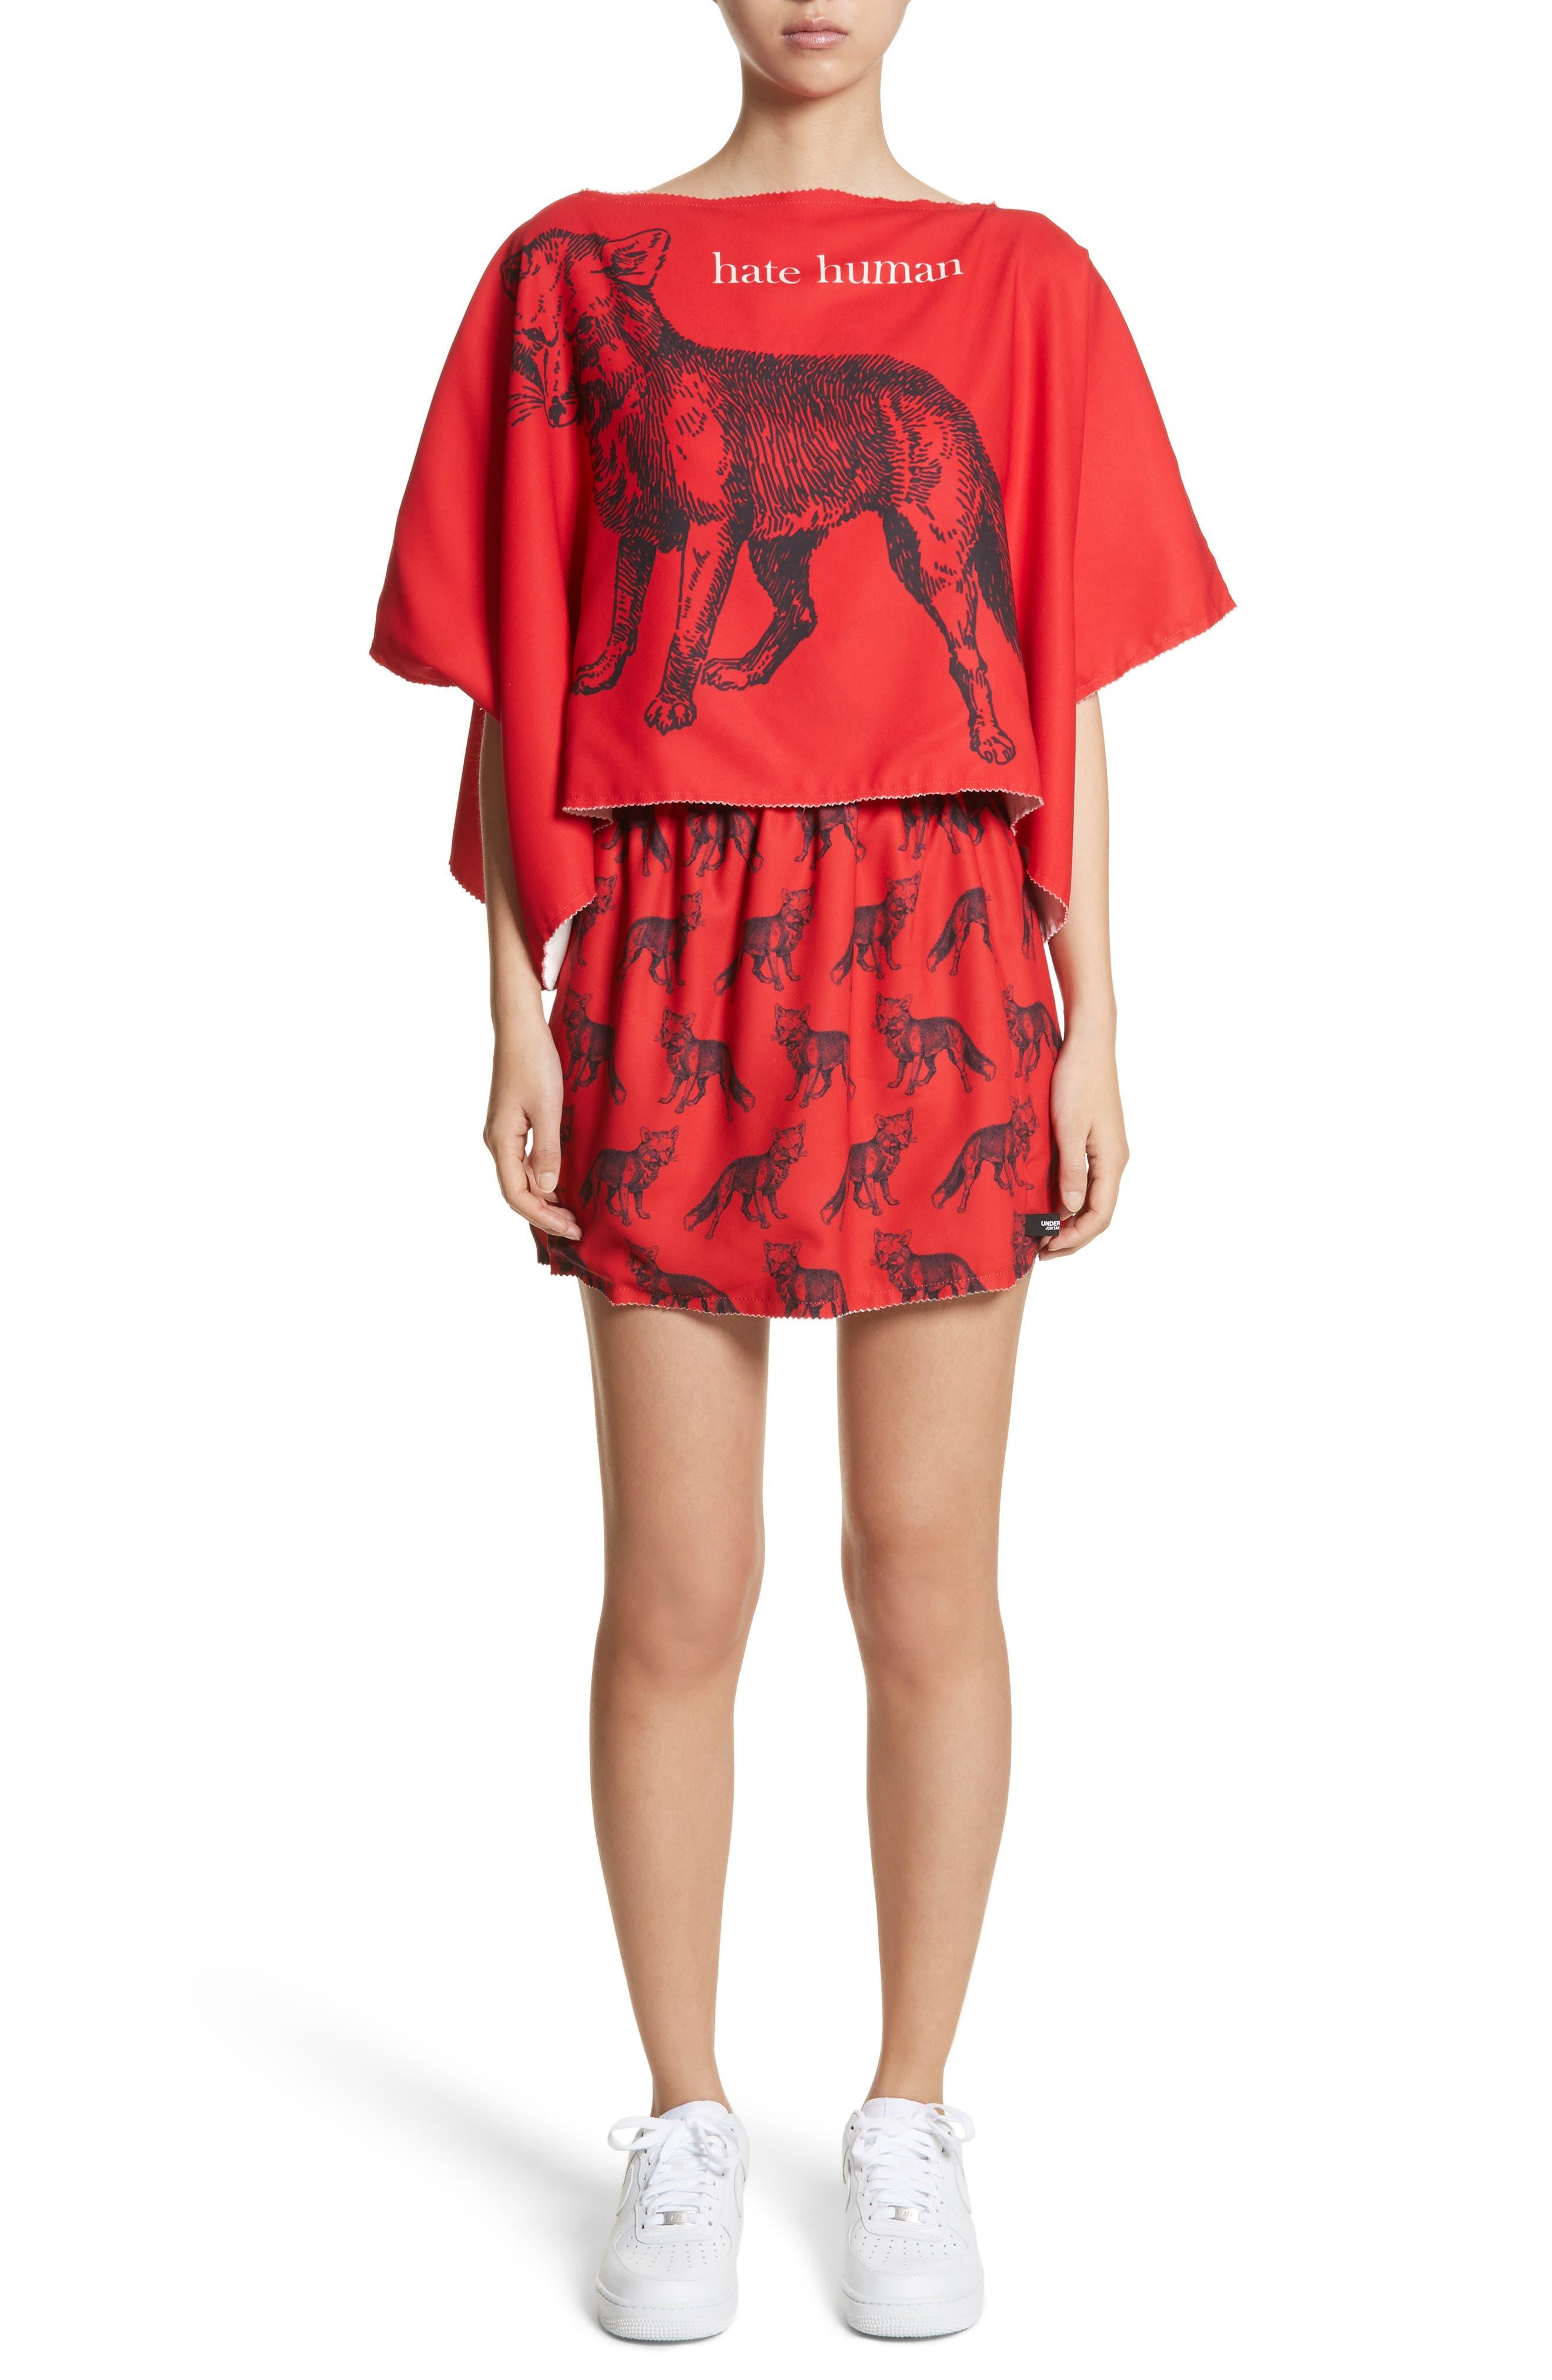 Fox/Girl Reversible Skirt,                             Alternate thumbnail 7, color,                             Ivory/ Red